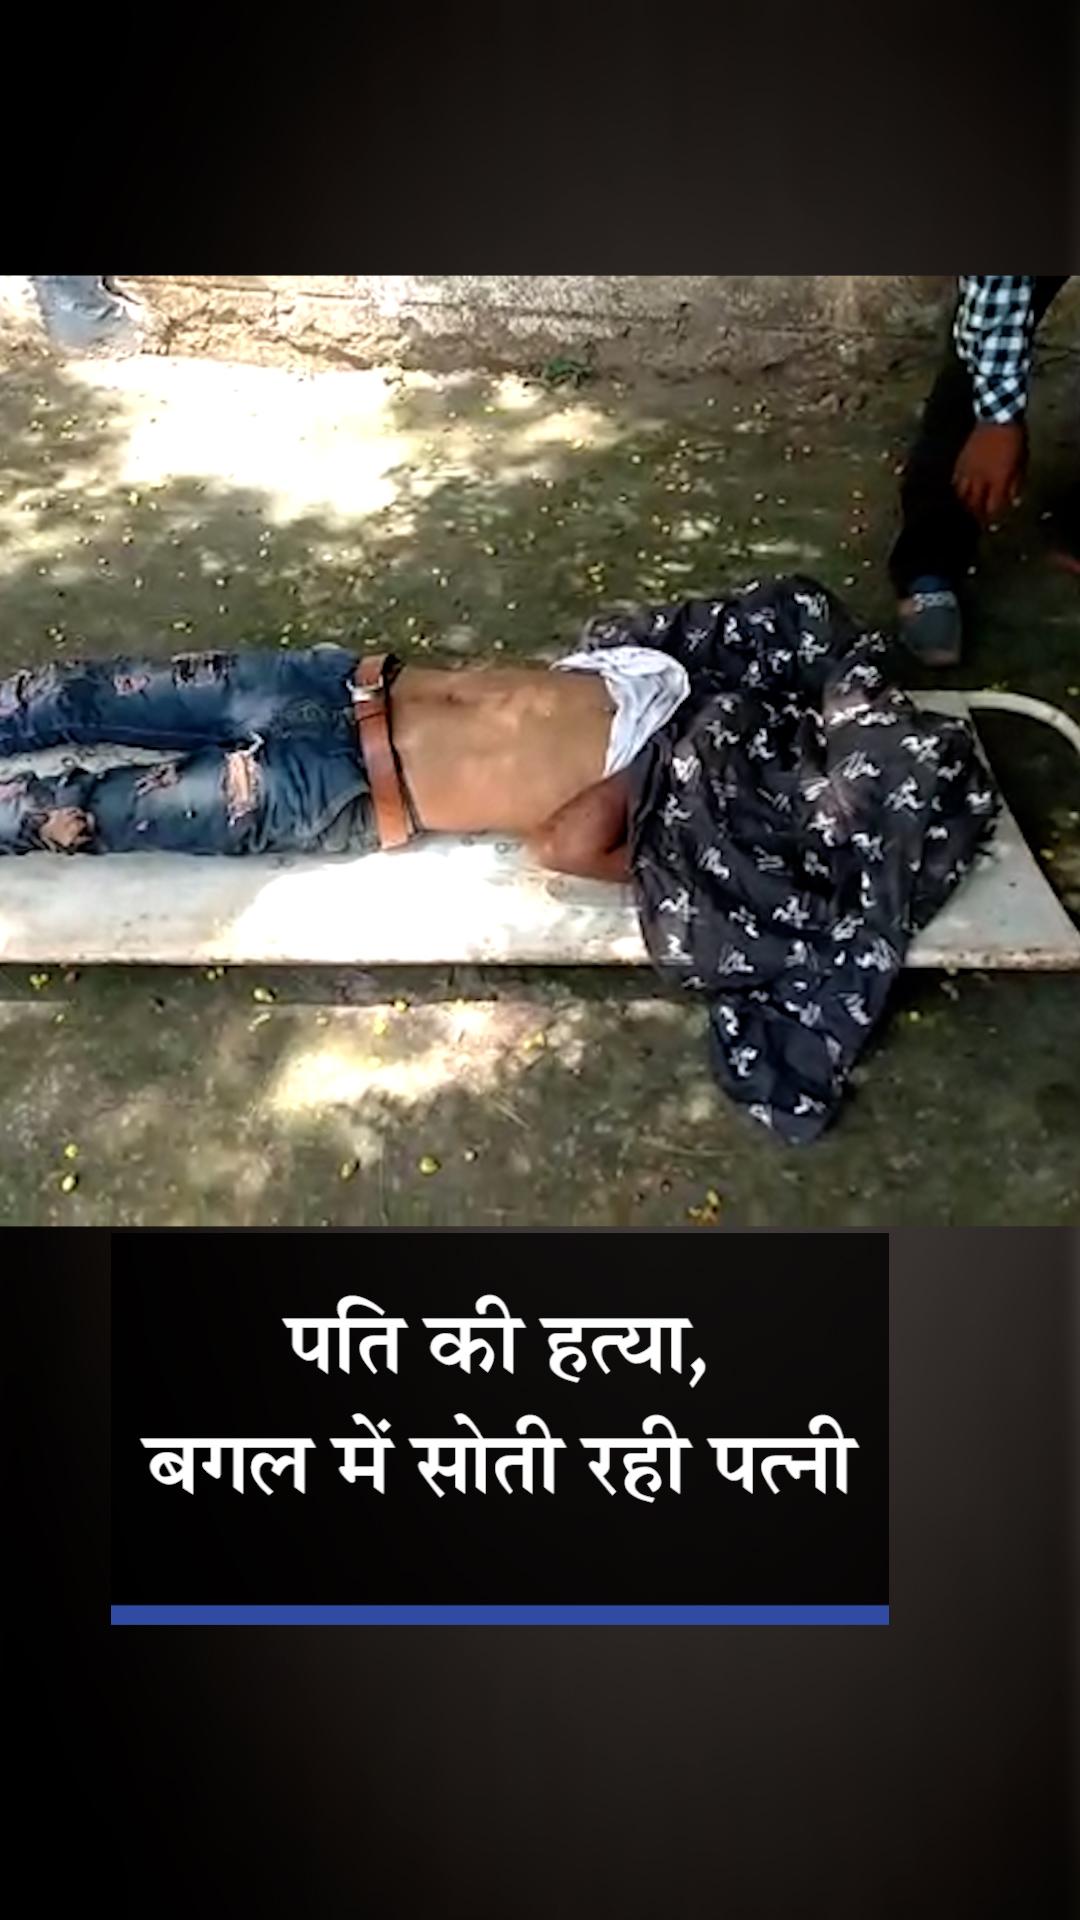 विदिशा में खाट पर सोए पति का चेहरा और जबड़ा बेरहमी से काट डाला, 15 दिन पहले हुई थी शादी|विदिशा,Vidisha - Dainik Bhaskar